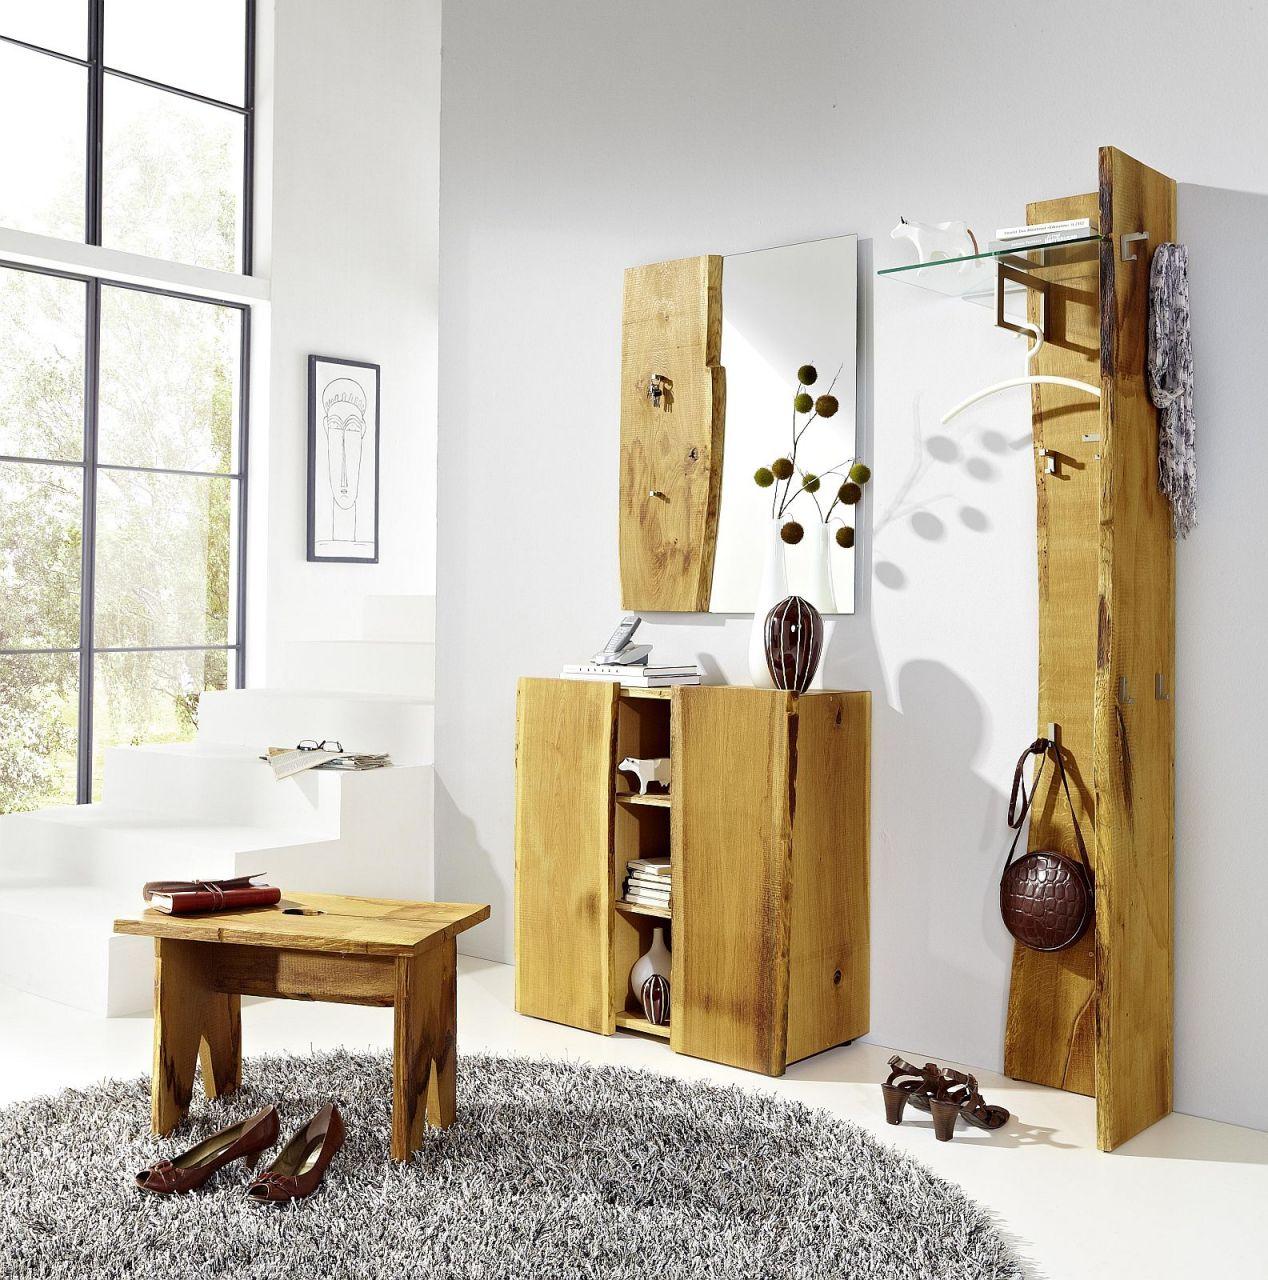 Garderobenset 4 tlg Landhausstil Garderobe Eiche sägerau AW-Wildtree-S-E